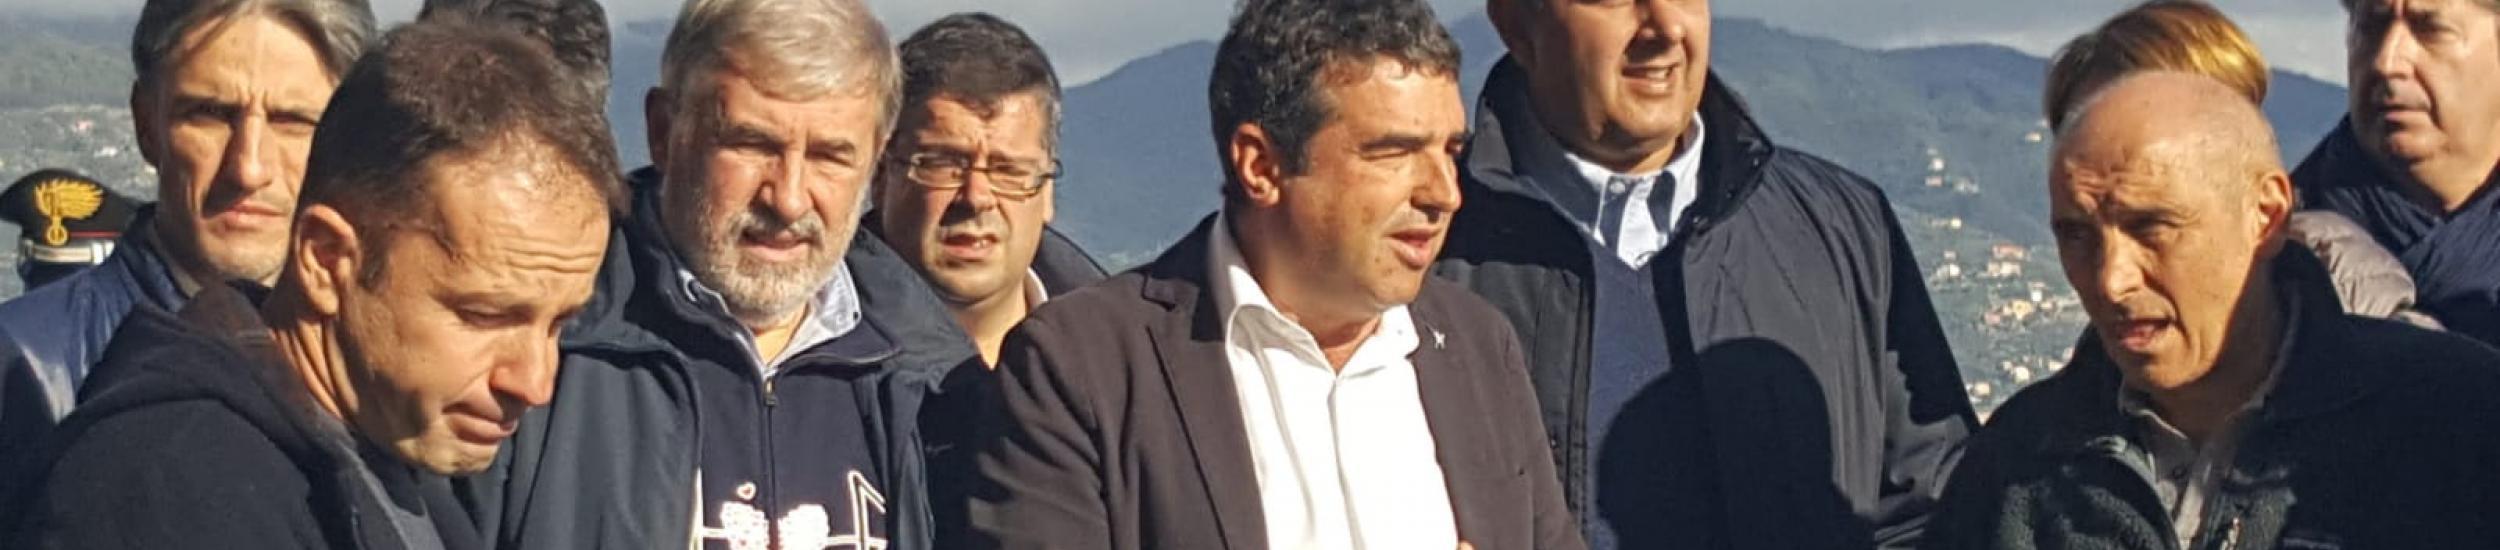 News: SP227 di Portofino: Sopralluogo del Governatore Giovanni Toti con il Sindaco Metropolitano Marco Bucci